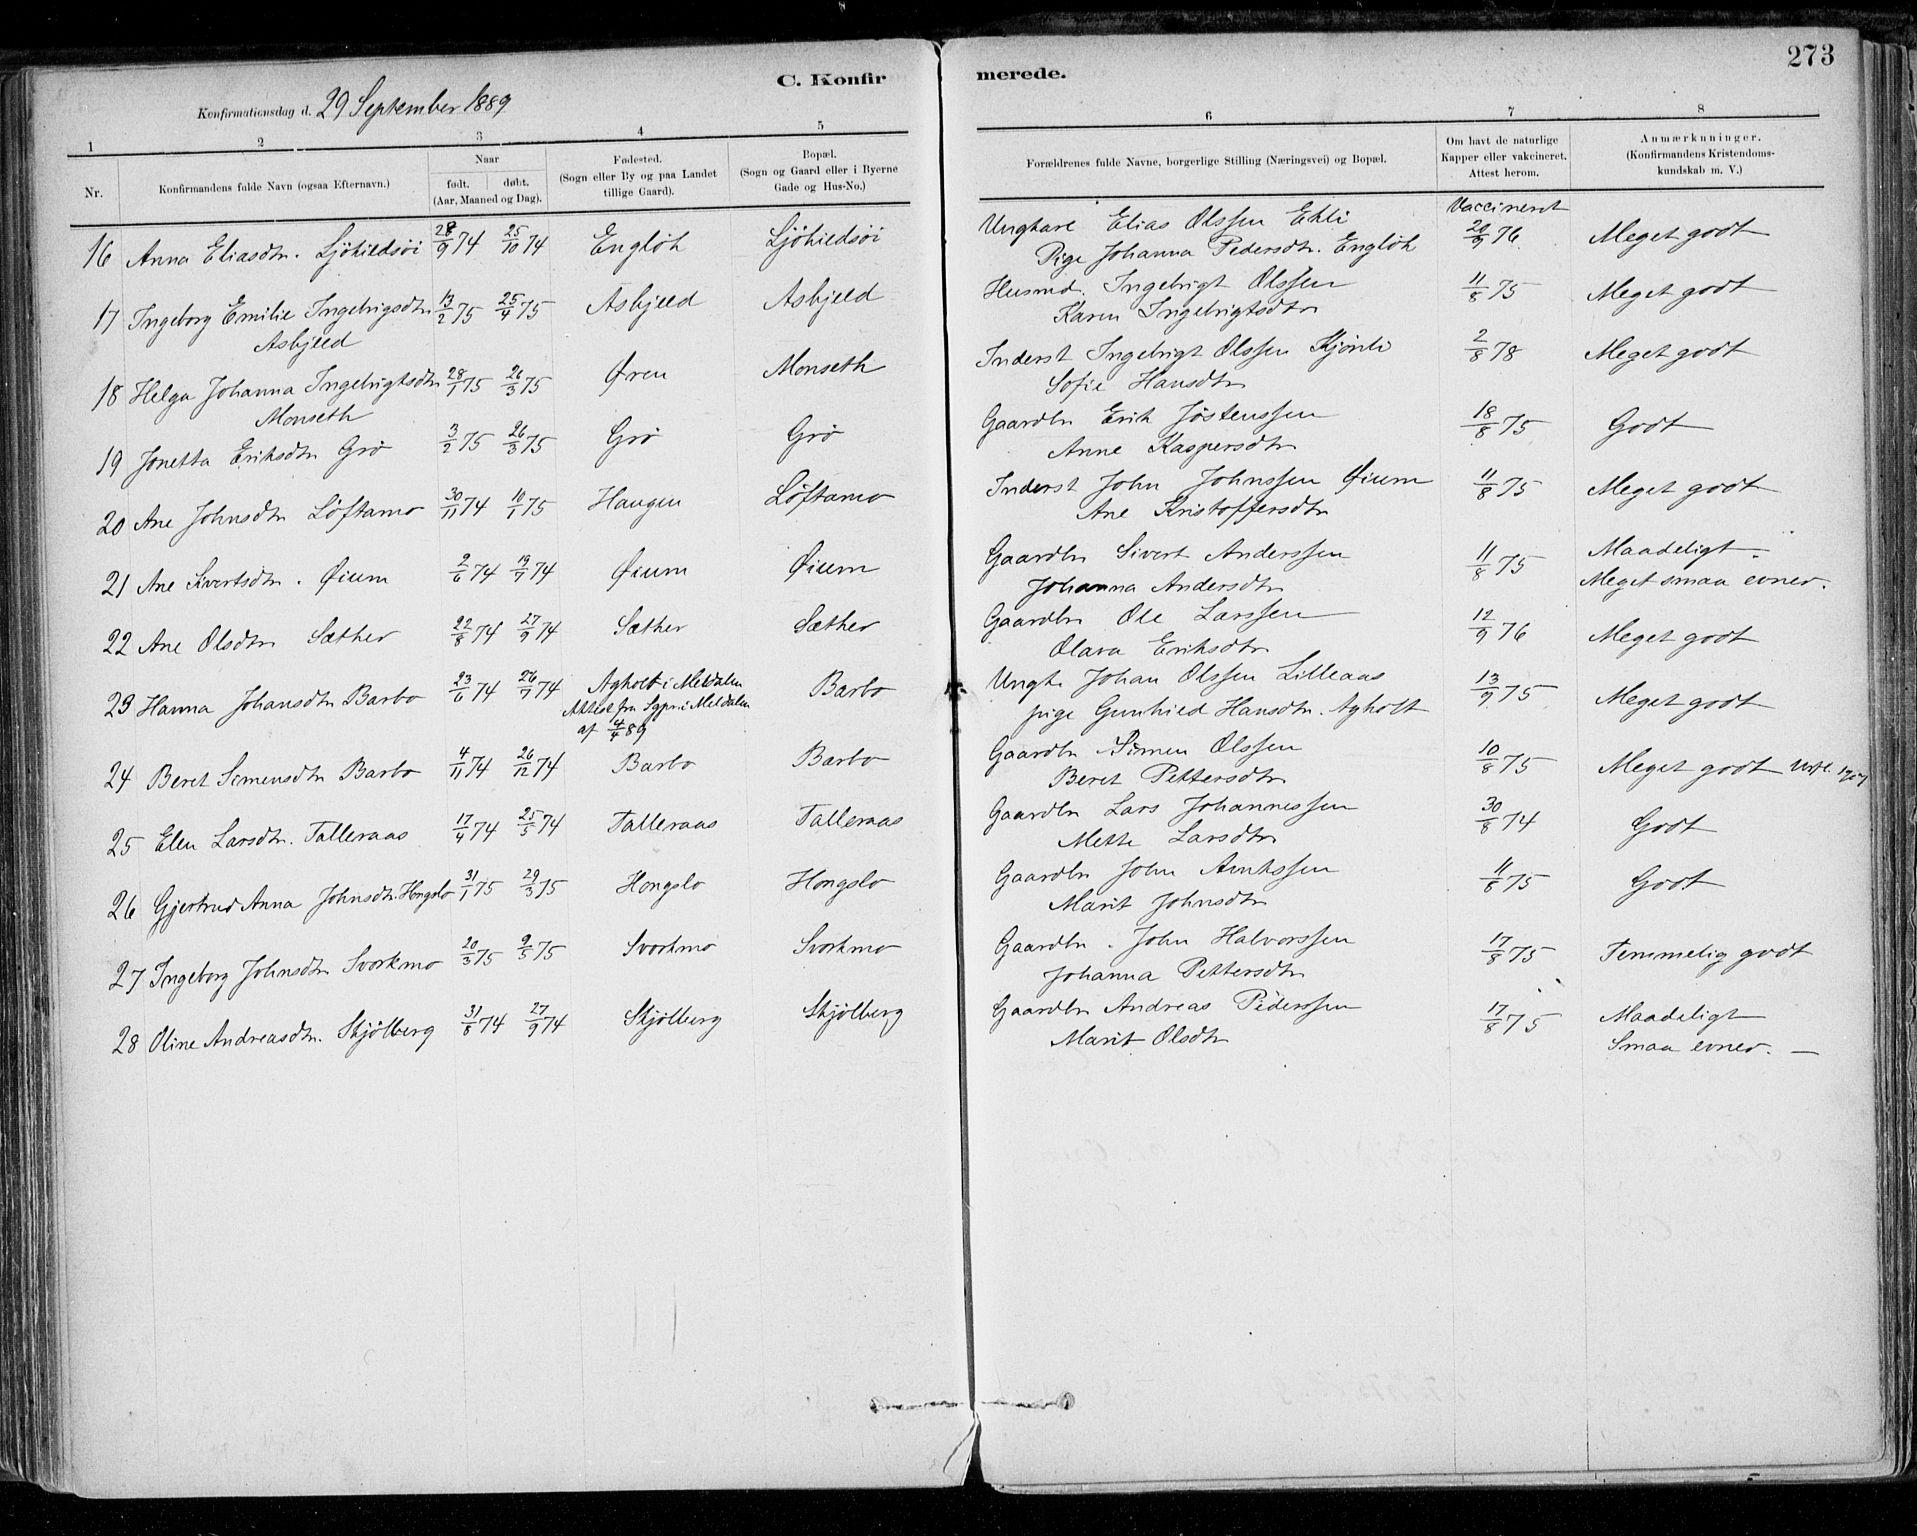 SAT, Ministerialprotokoller, klokkerbøker og fødselsregistre - Sør-Trøndelag, 668/L0809: Ministerialbok nr. 668A09, 1881-1895, s. 273